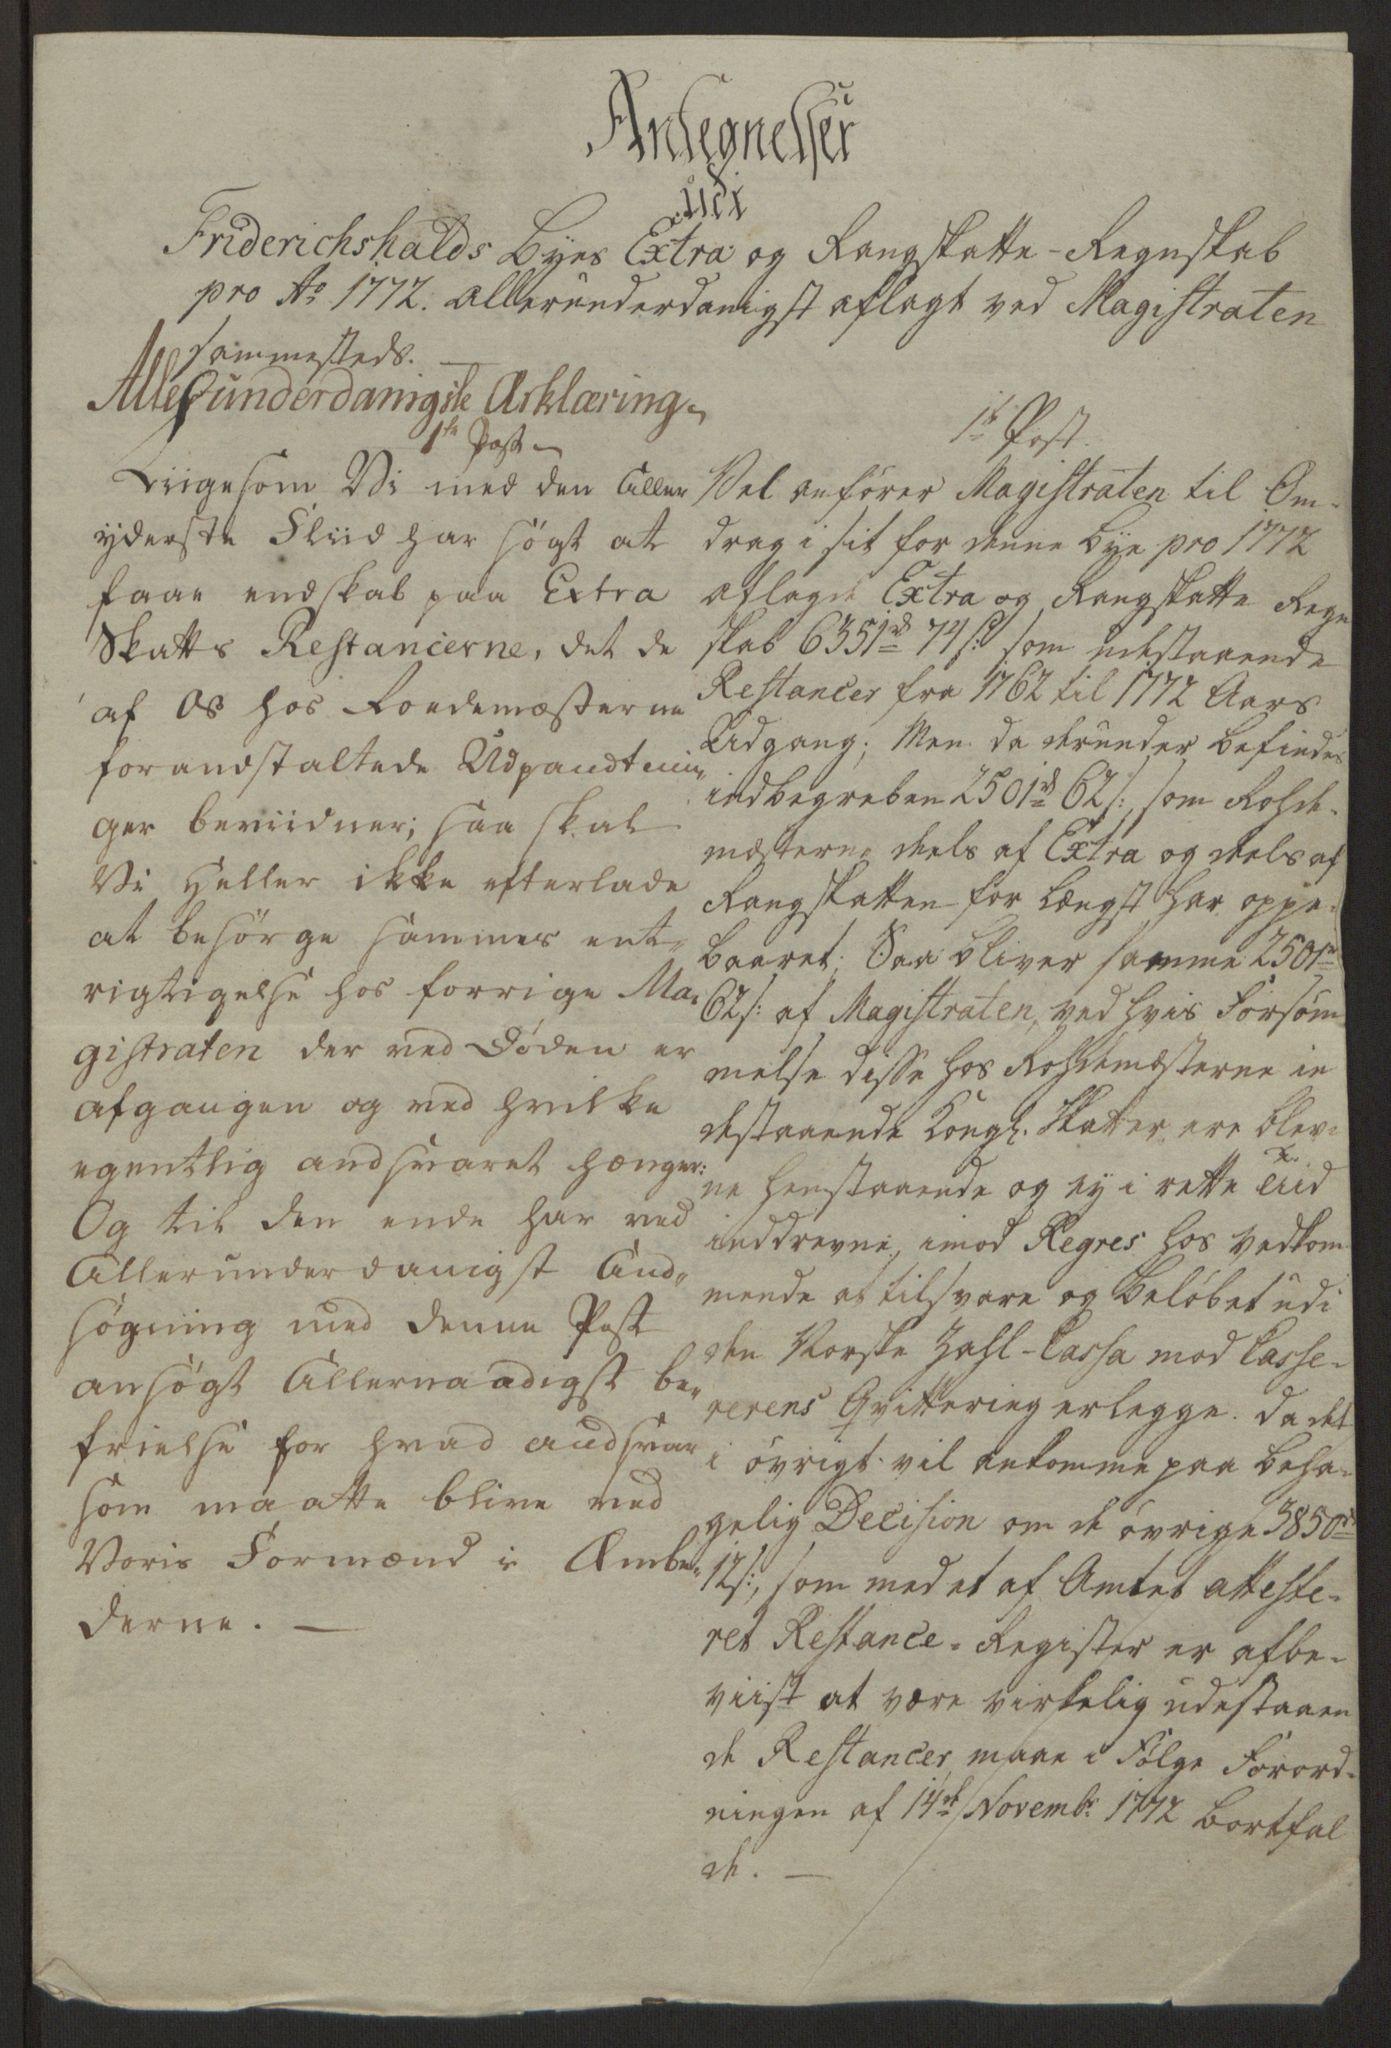 RA, Rentekammeret inntil 1814, Reviderte regnskaper, Byregnskaper, R/Ra/L0006: [A4] Kontribusjonsregnskap, 1762-1772, s. 342